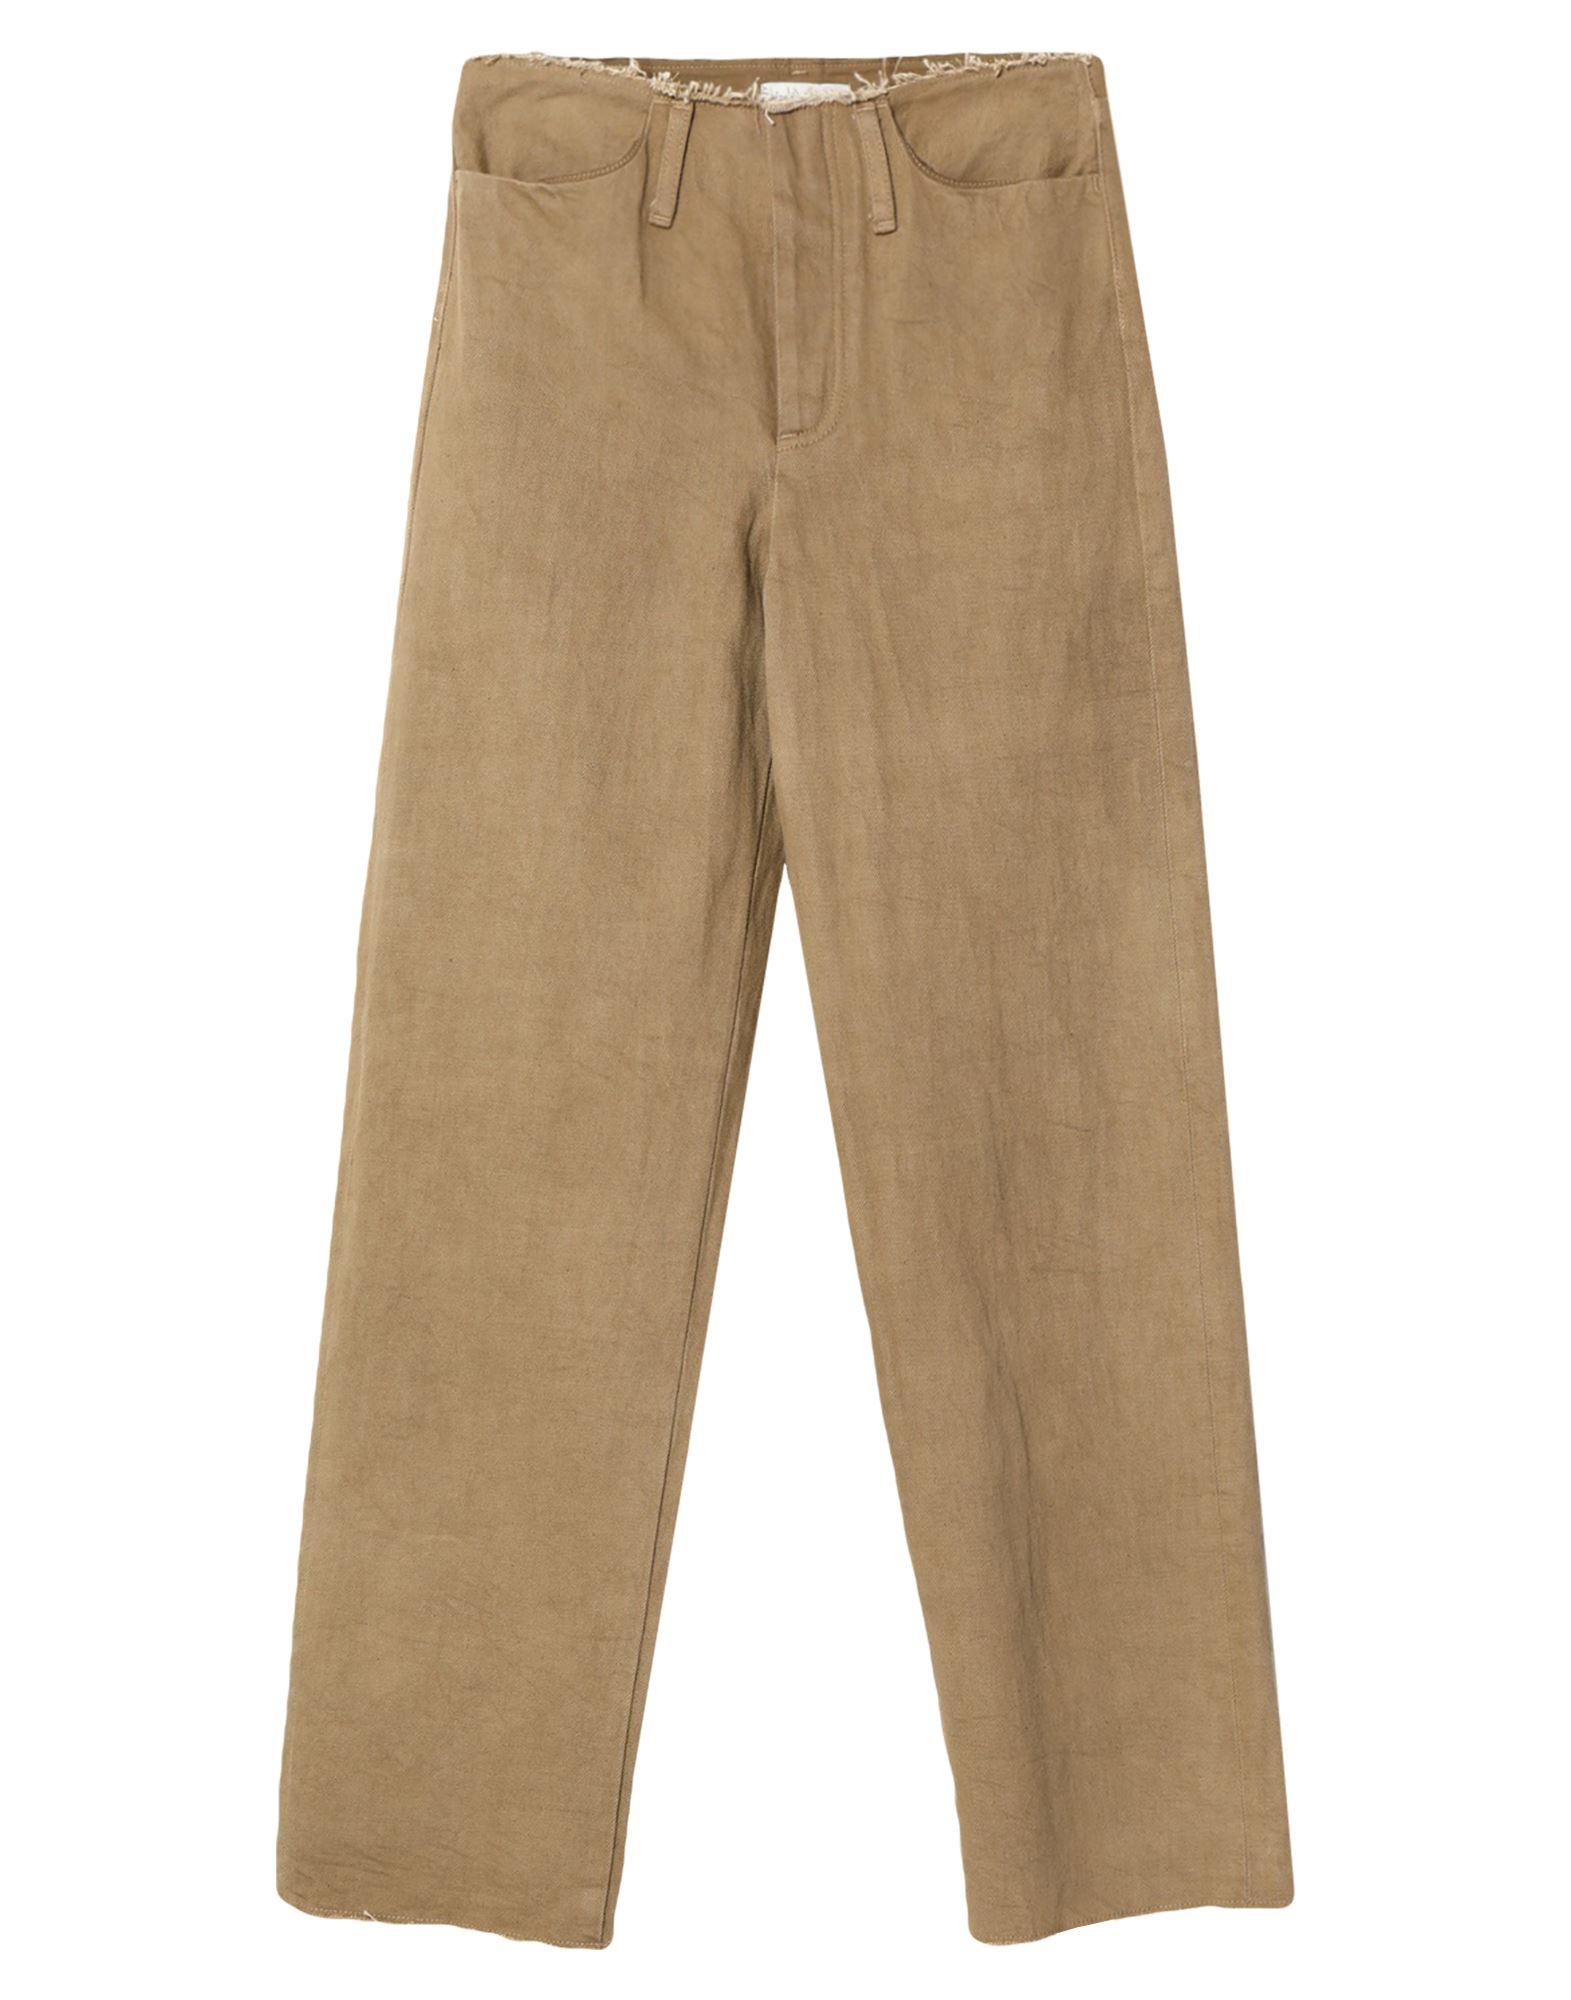 Фото - TANAKA Джинсовые брюки yael eylat tanaka die erfolgsmentalität großer führungspersönlichkeiten